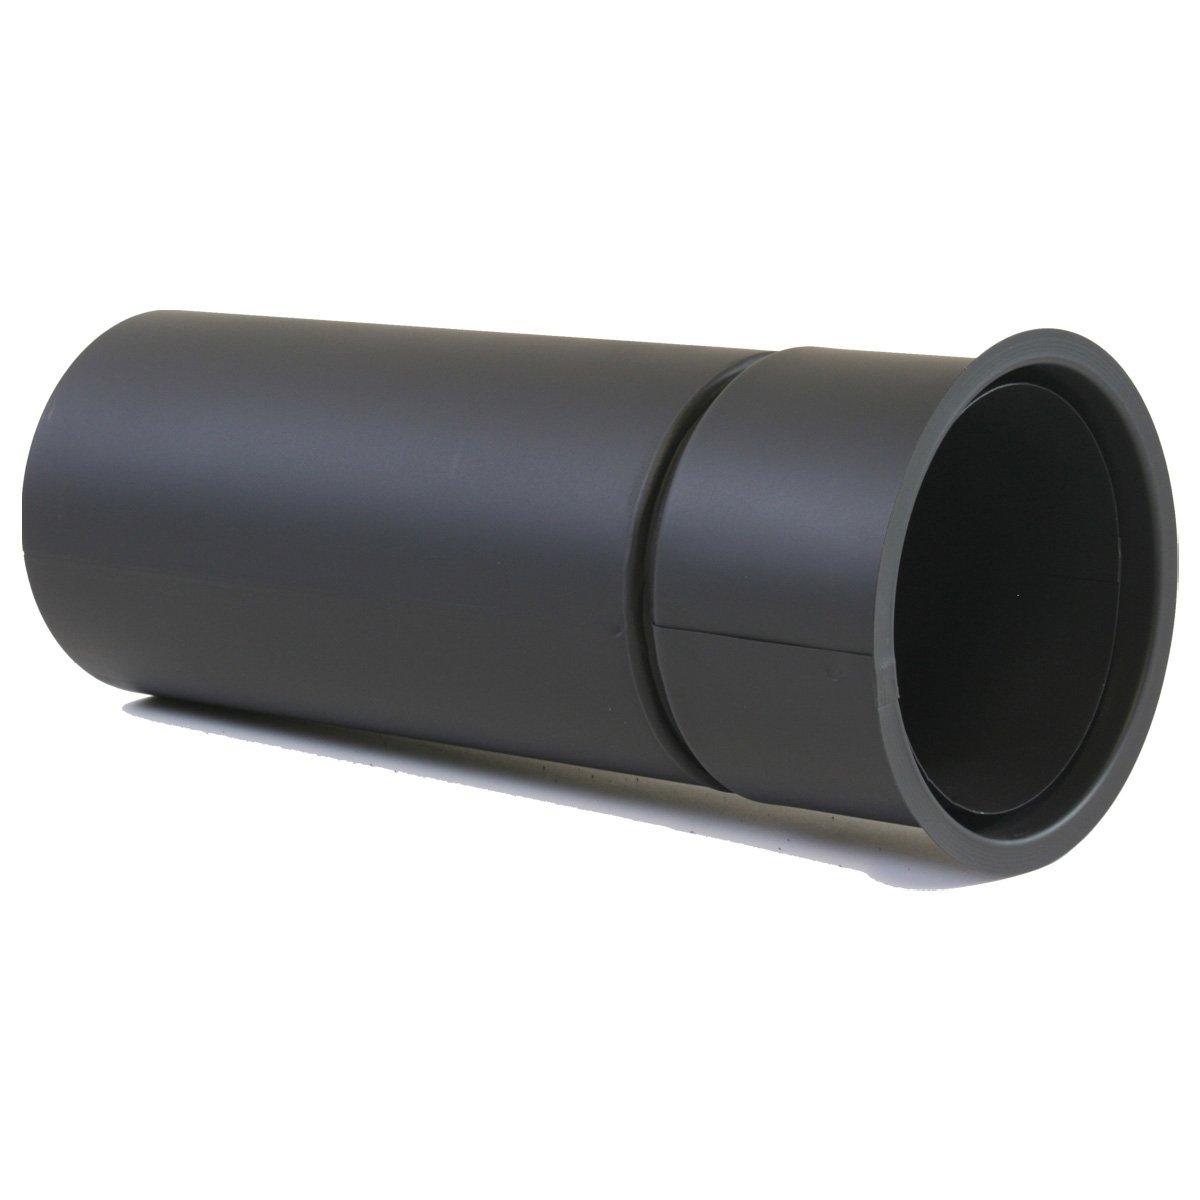 Doppelwandfutter Ø 120 mm mit 300 mm Verlängerung Seno farblos BAUPROFI